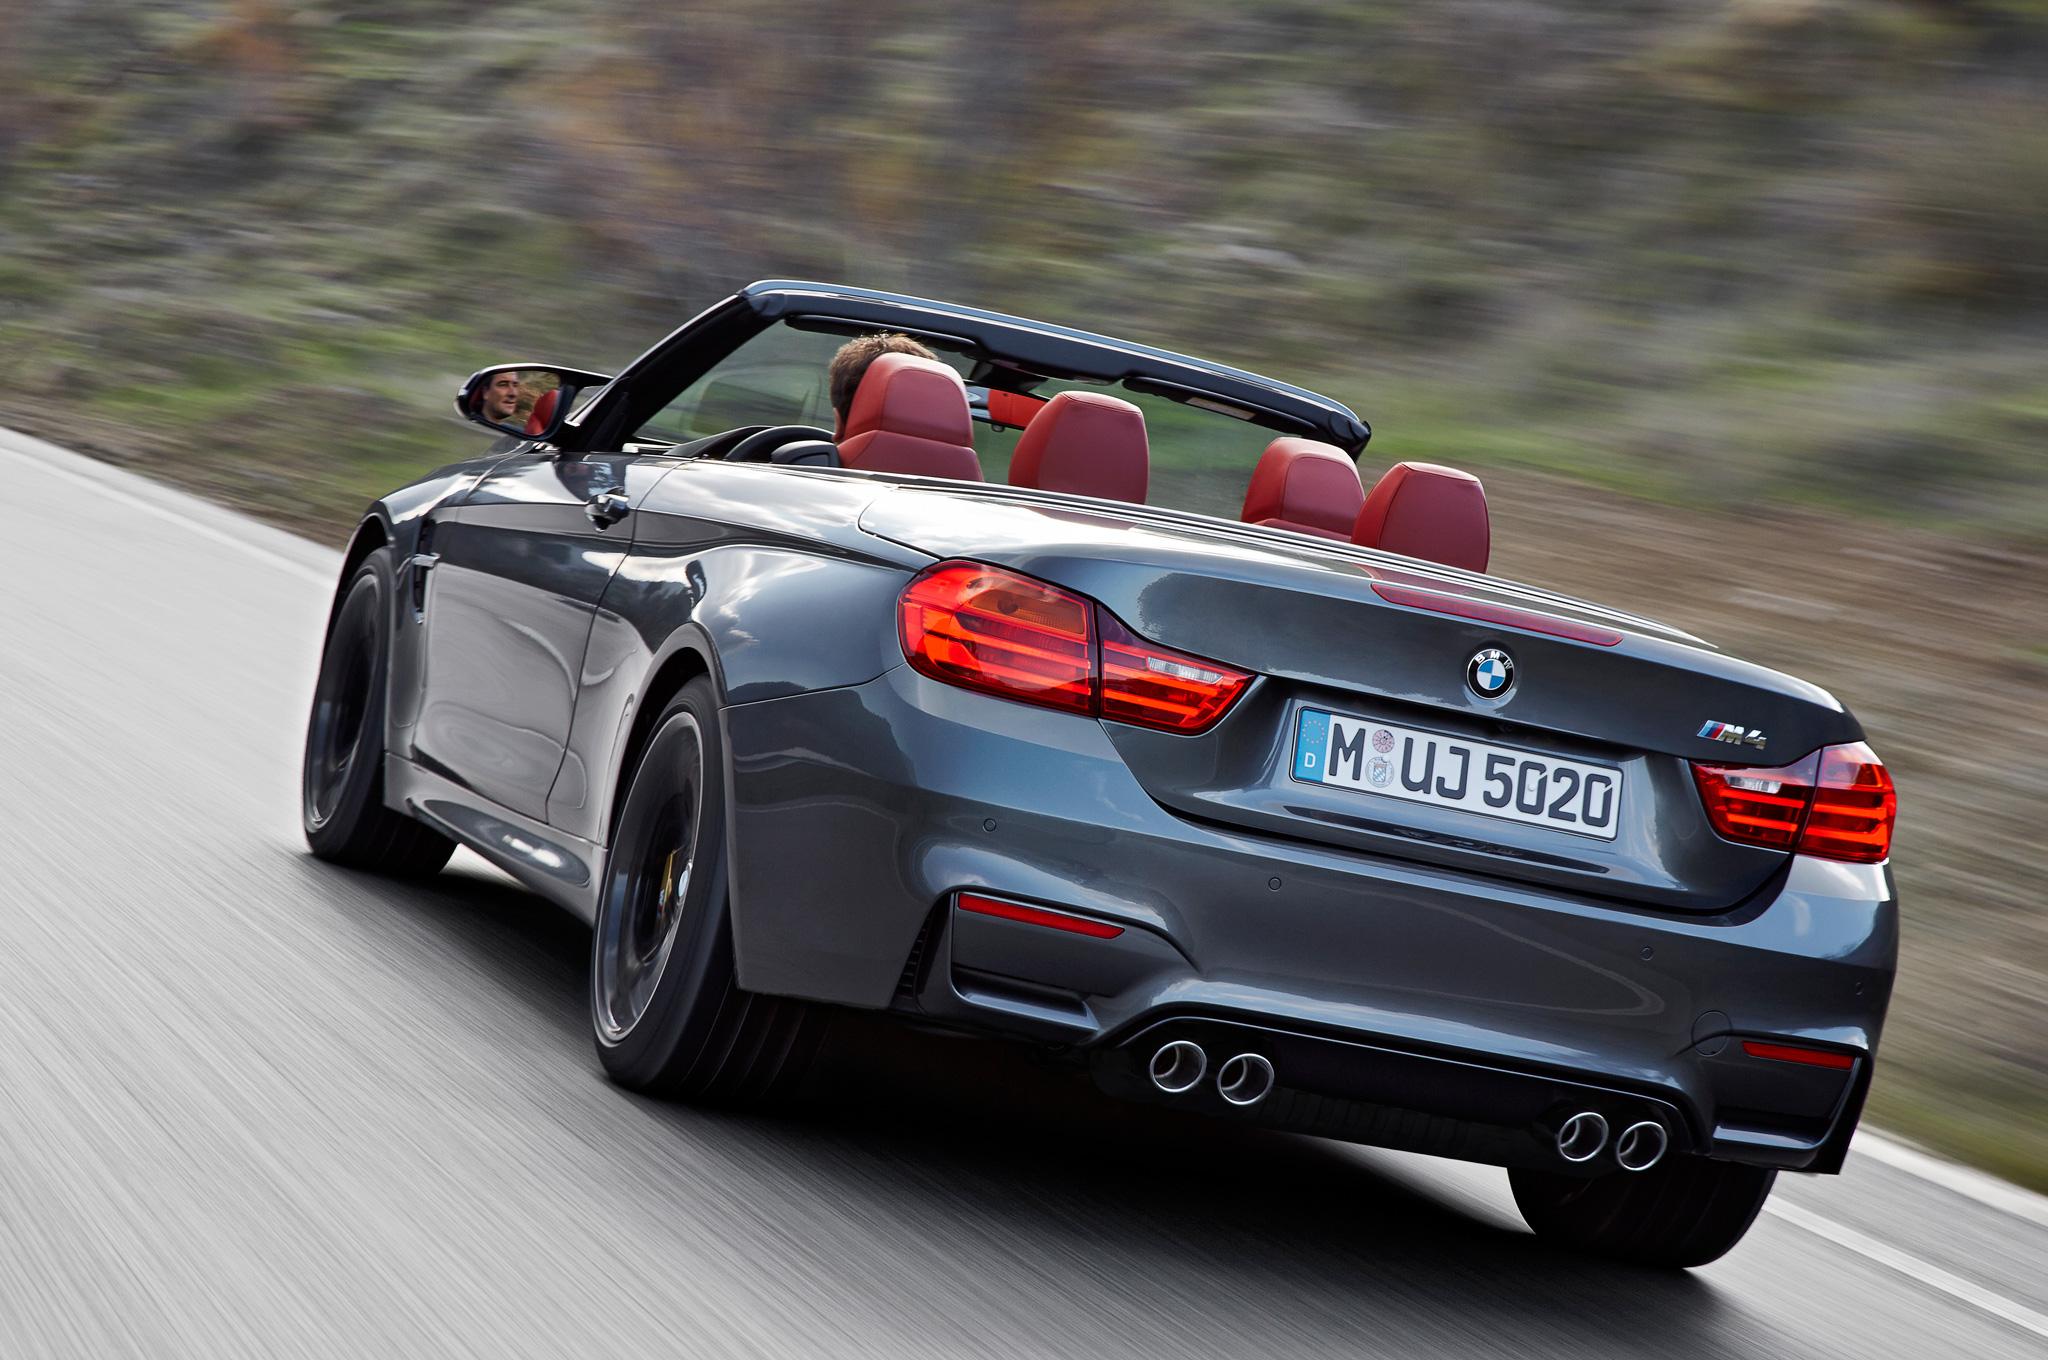 2015 BMW M4 Convertible Rear View